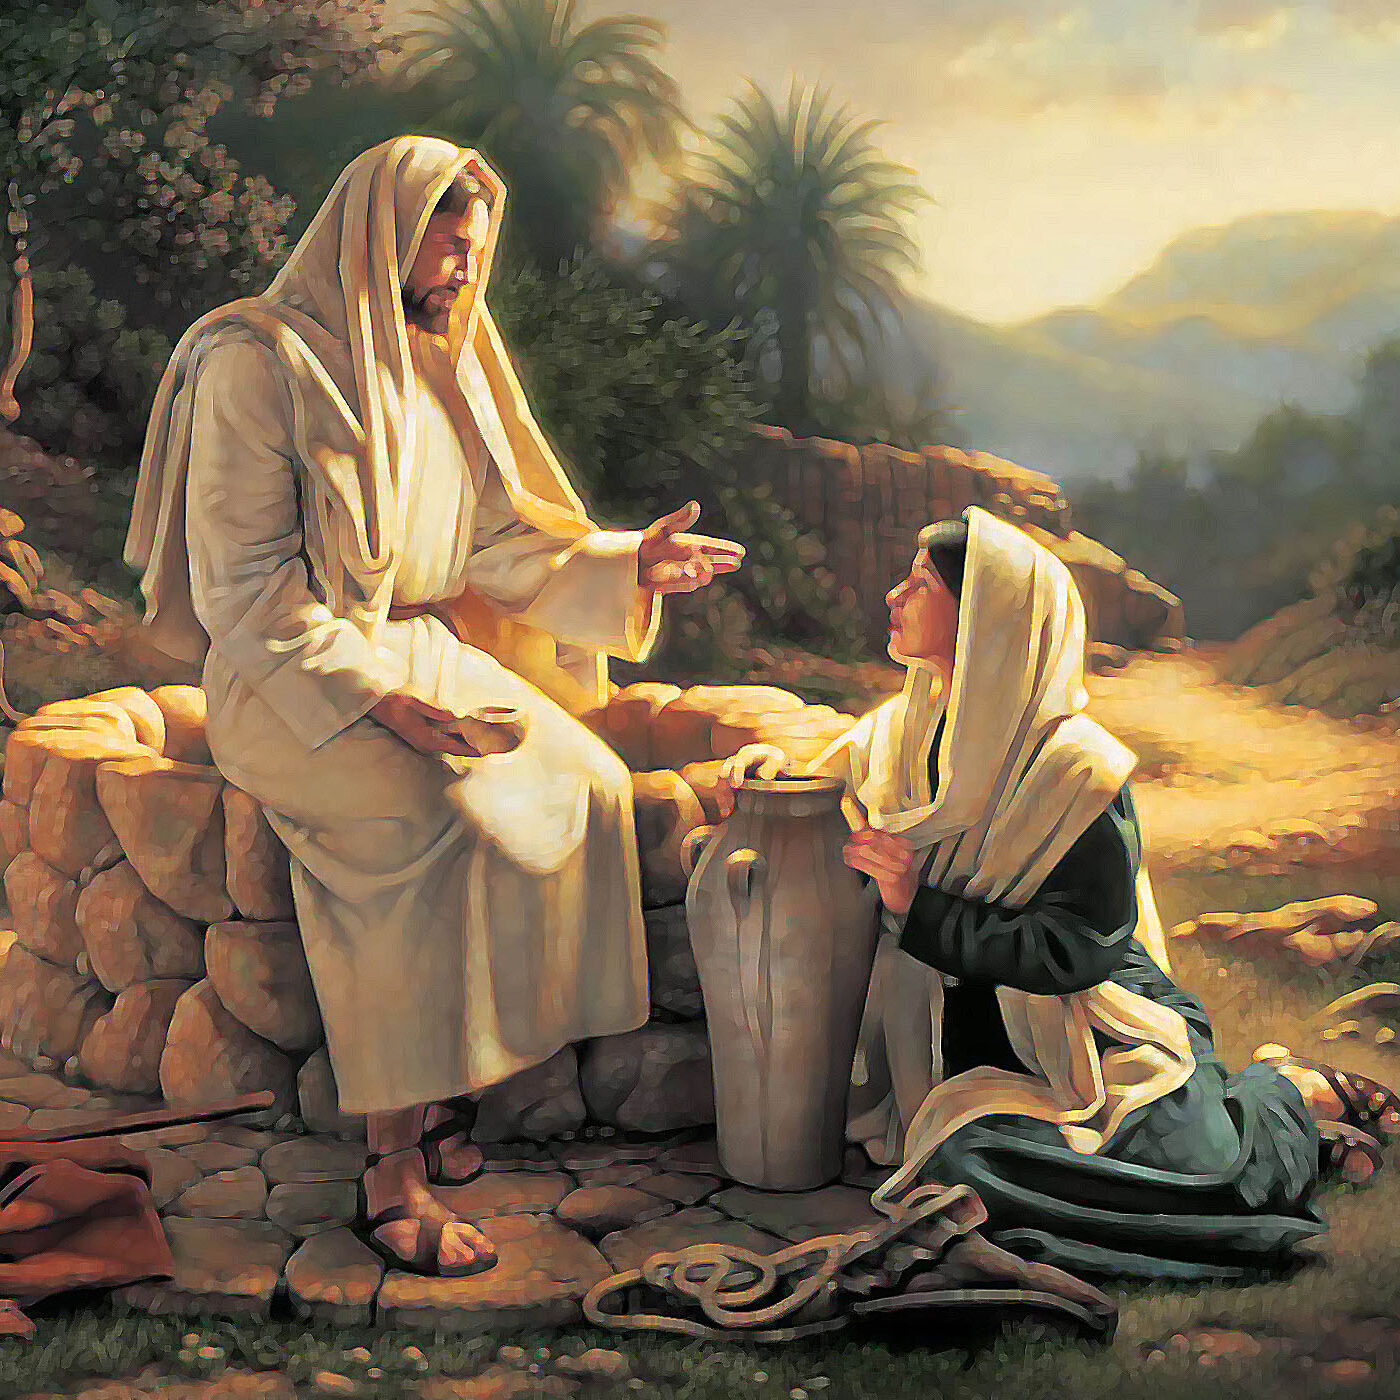 riflessioni sul Vangelo di Giovedì 21 Ottobre 2021 (Lc 12, 49-53) - Apostola Michela